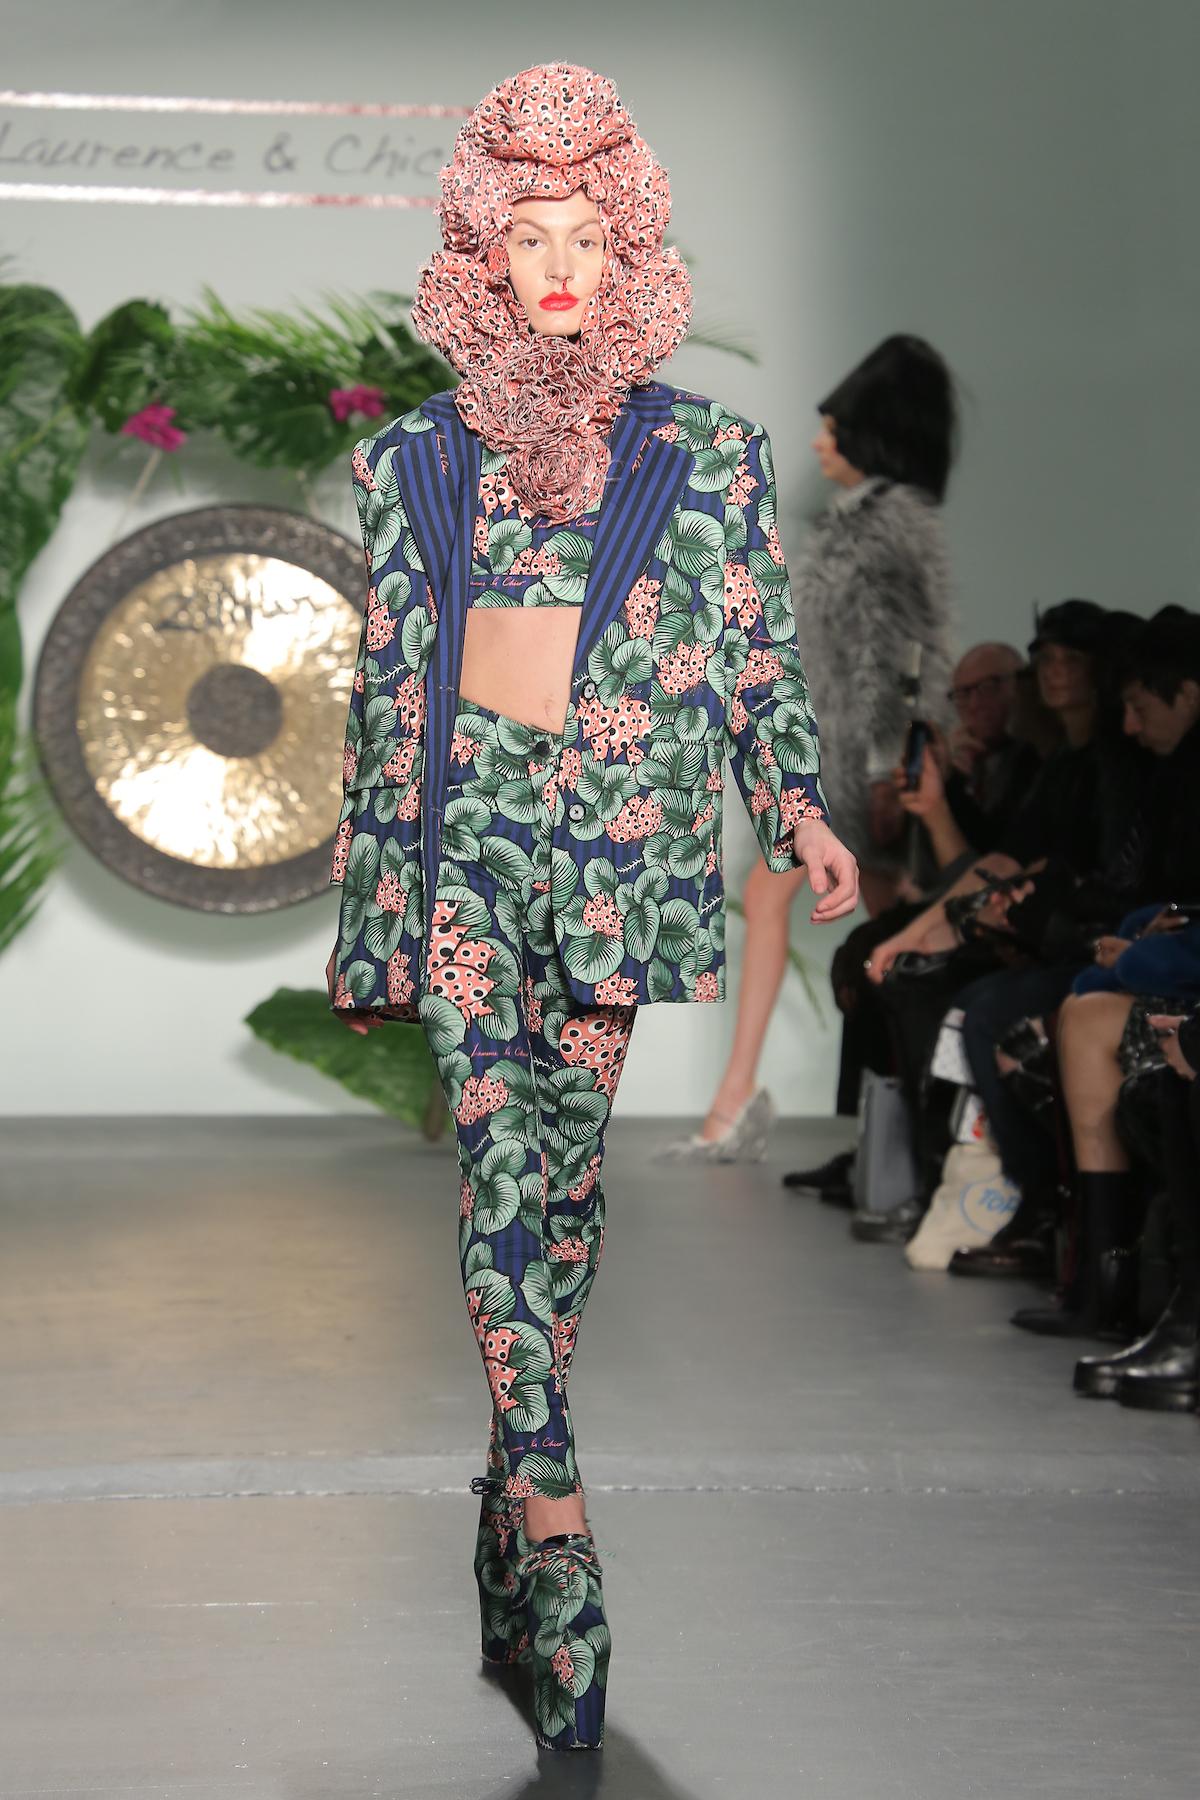 Fashion With a New Twist via NYFW 2019